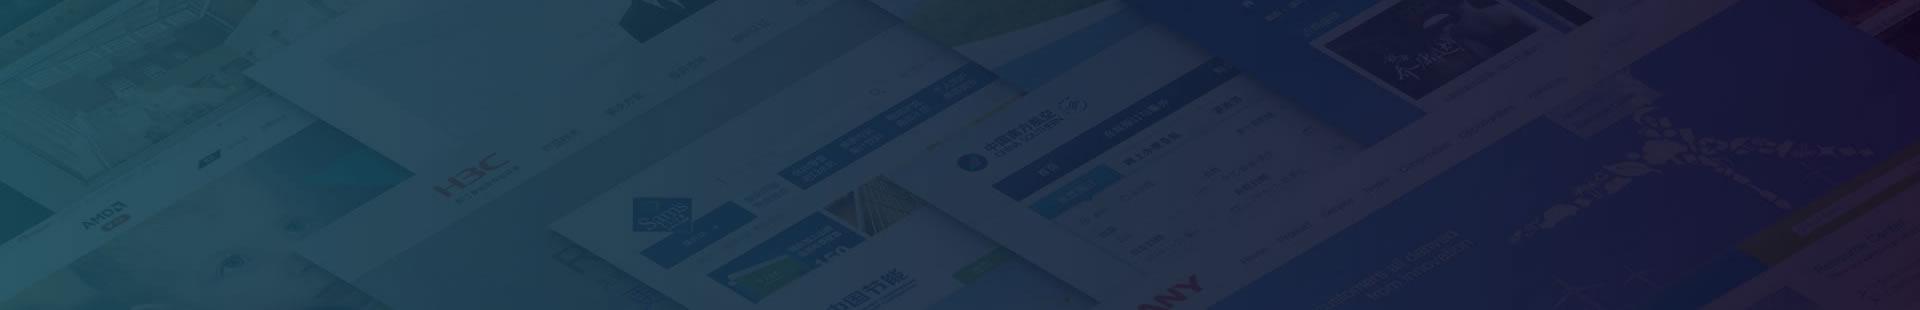 武汉网站建设多少钱,武汉企业网,武汉便宜做网站